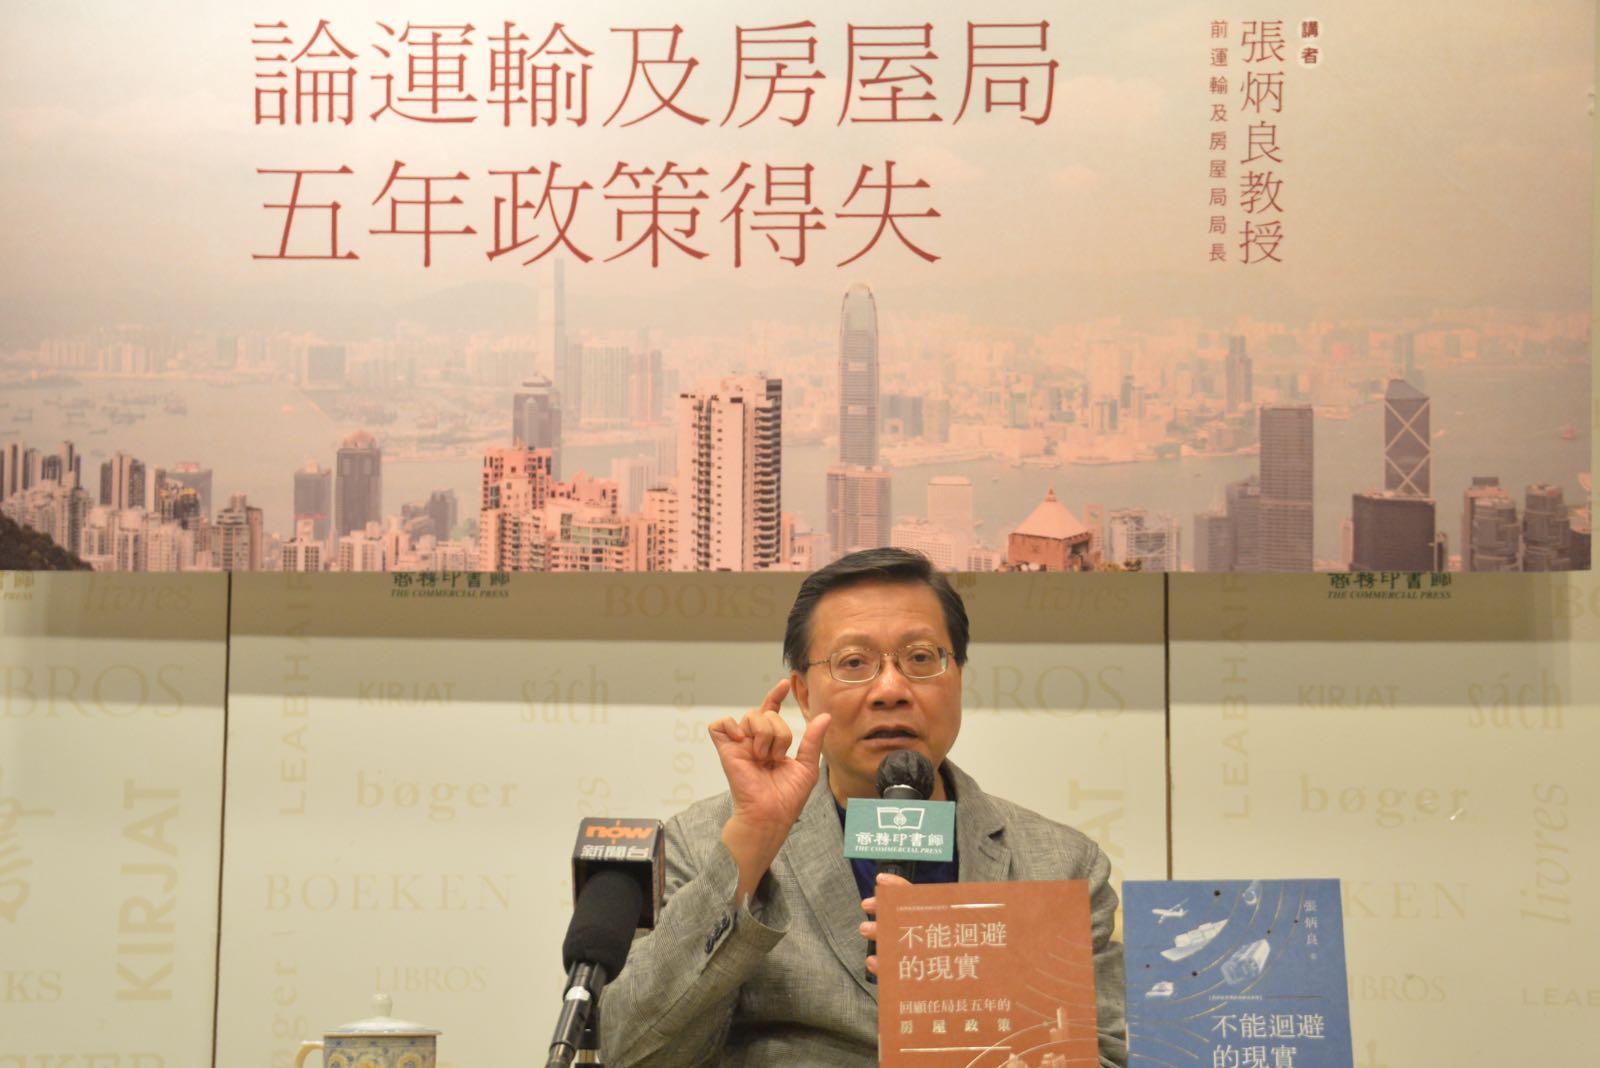 張炳良指,政府增加土地房屋供應必須多管齊下,不能單靠填海, 應增加建築高度。盧江球攝